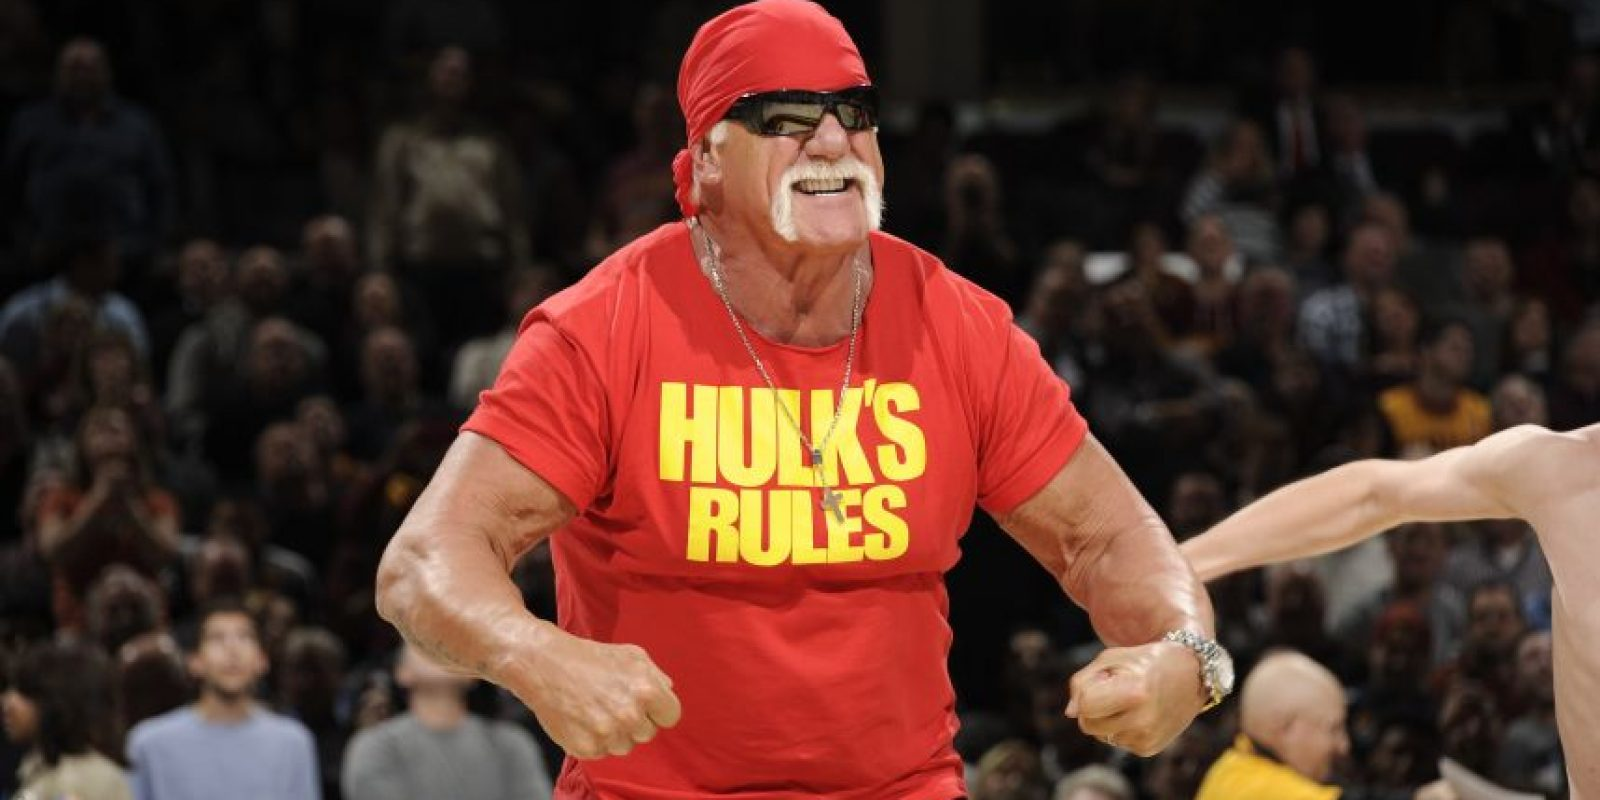 Varias son las figuras del deporte que han hecho pública su preferencia por uno de los candidatos. Hulk Hogan está del lado de Donald Trump. Foto:AFP